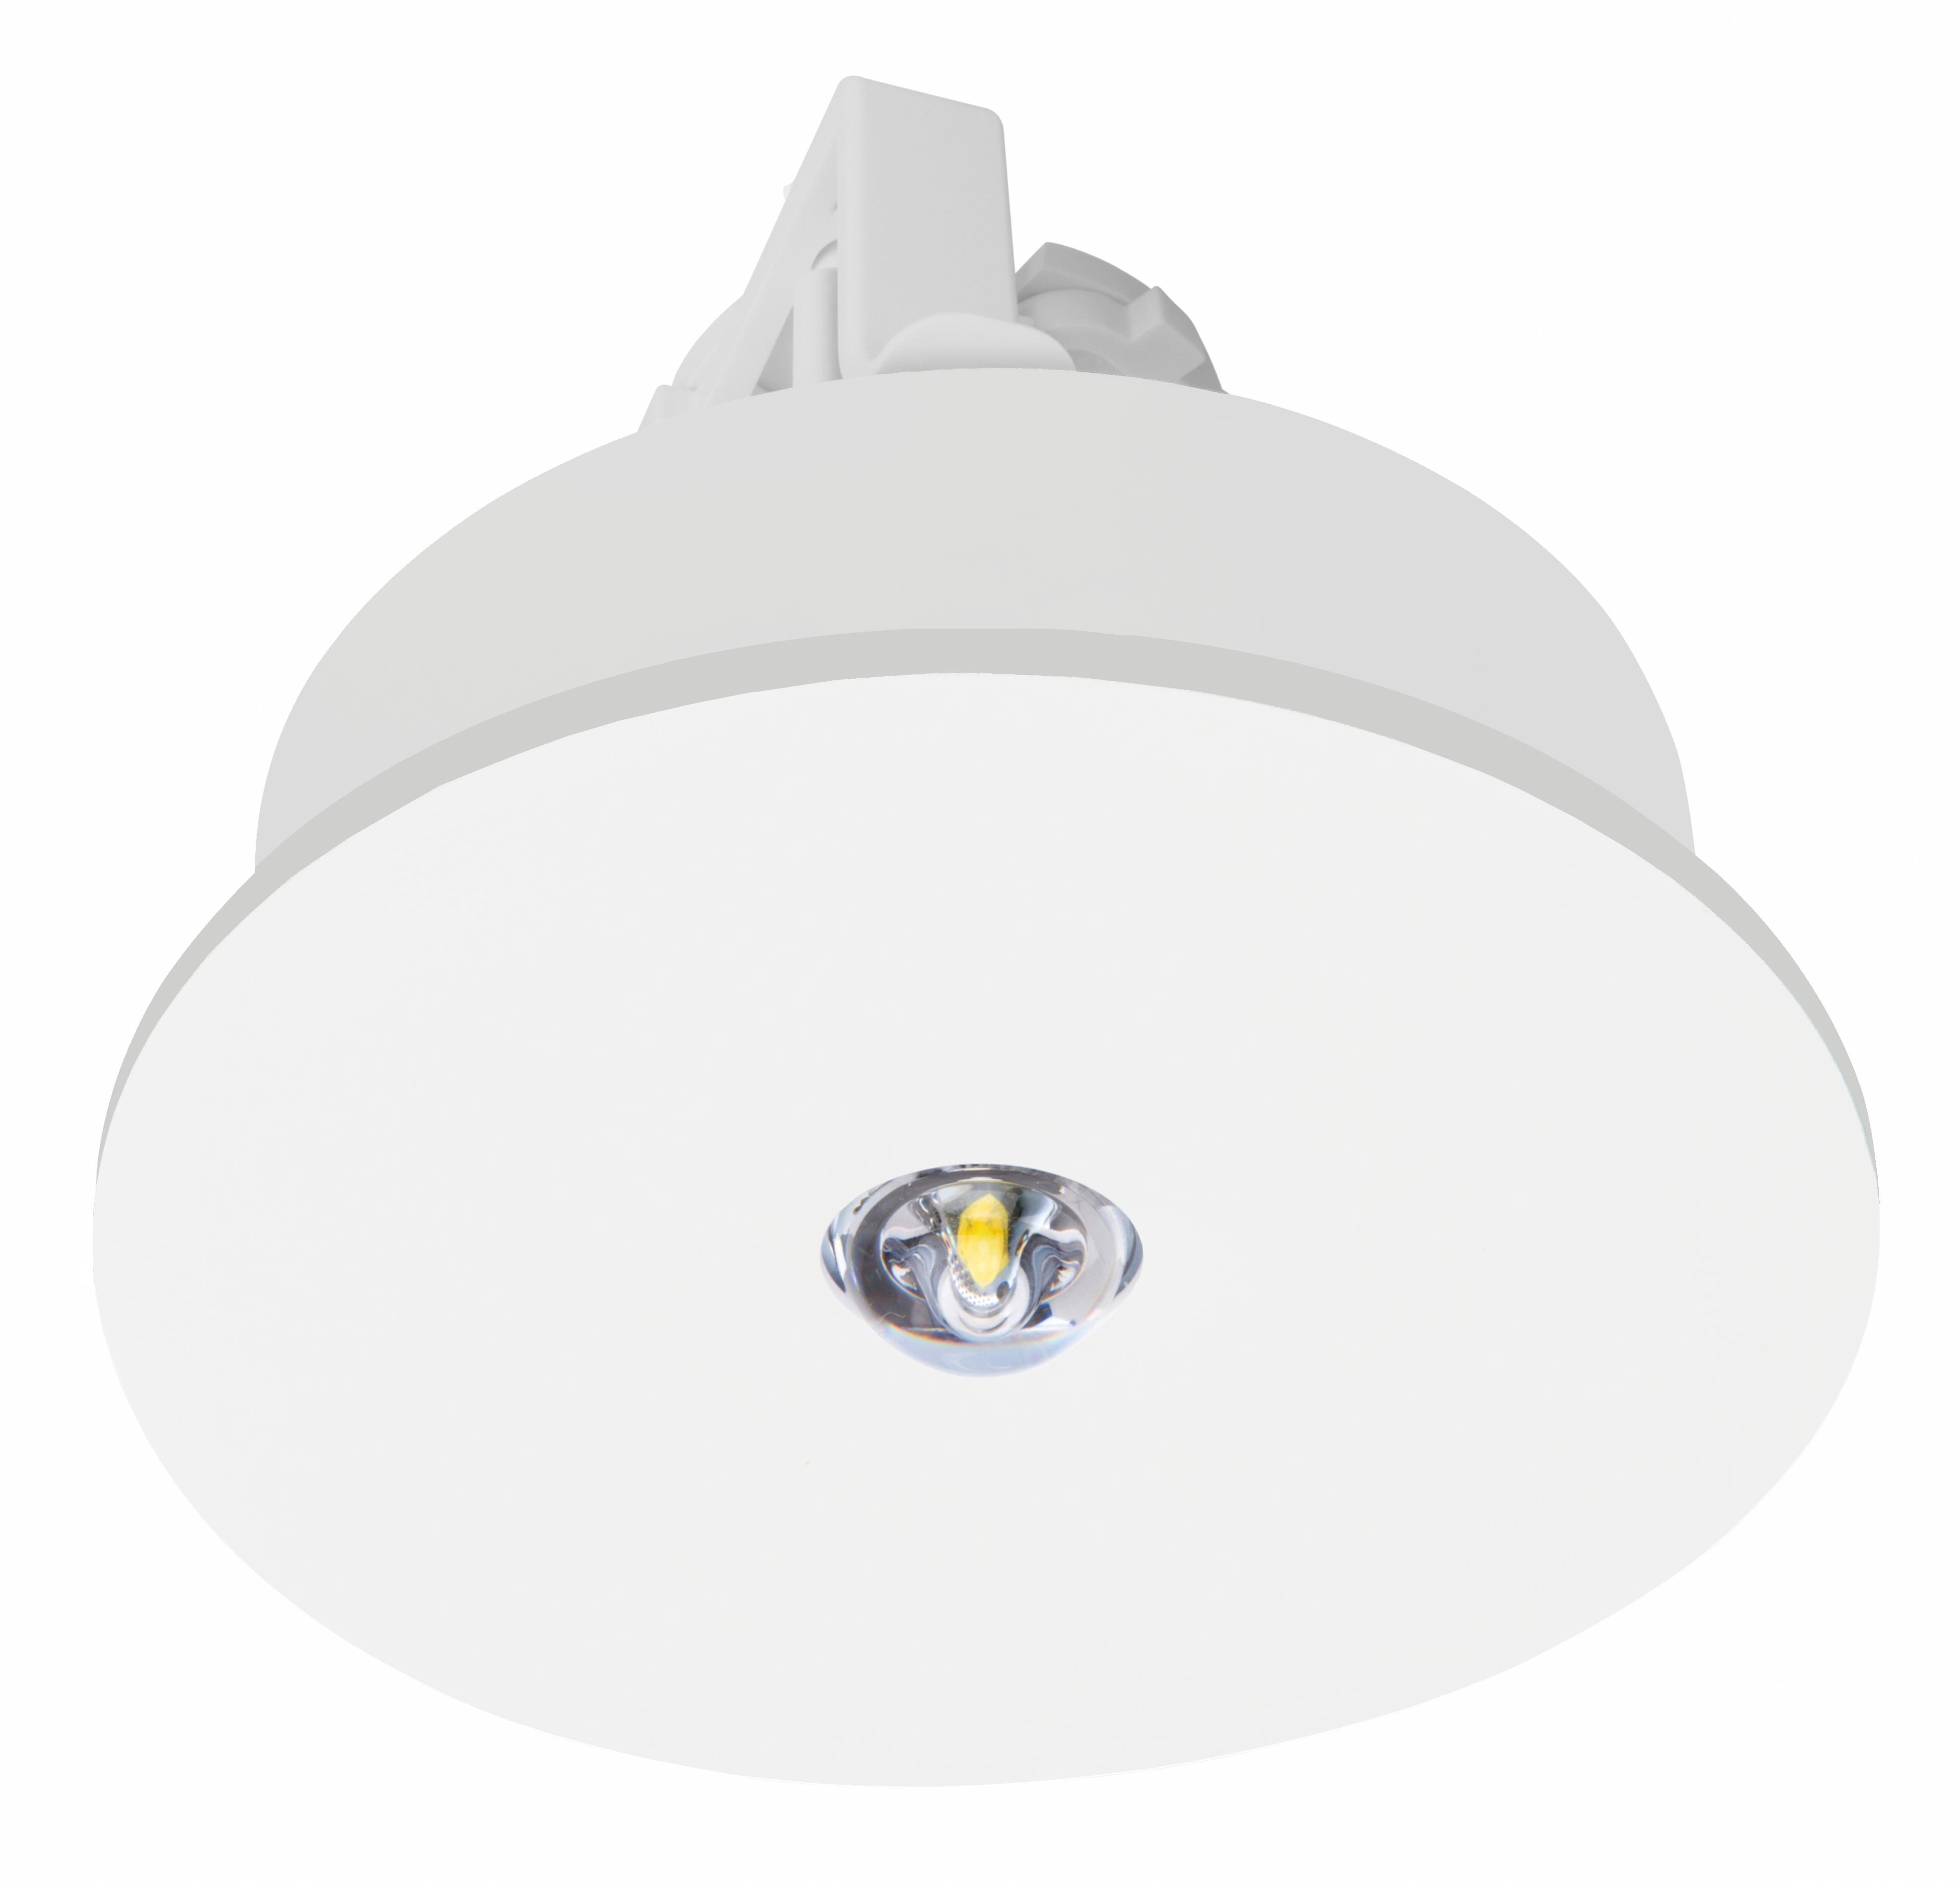 1 Stk Notleuchte IL Autotest 1x3W ERT-LED 3h 230VAC rund NLILER023S